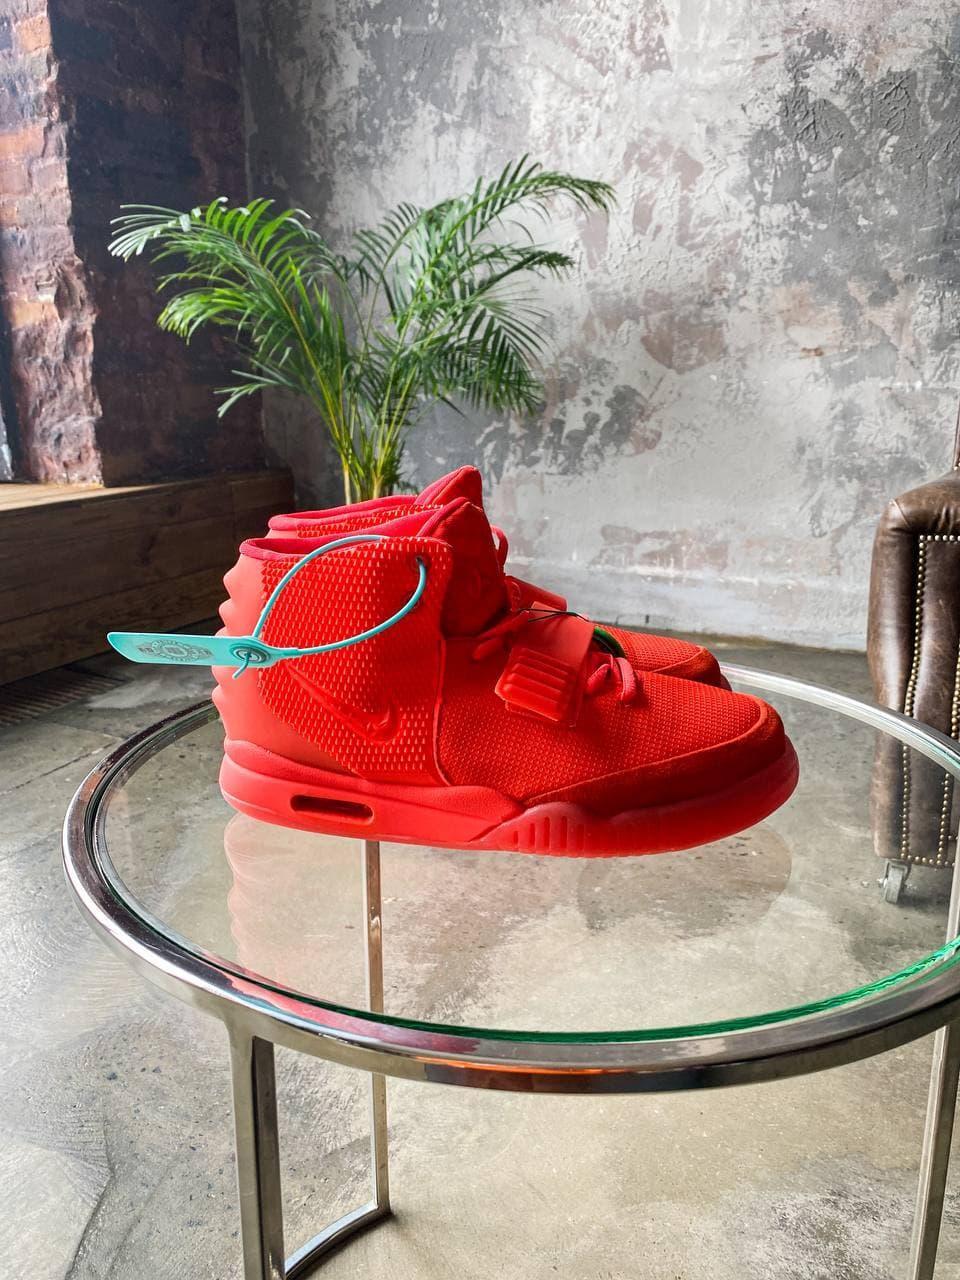 Кроссовки мужские Nike Air Yeezy 2 SP Red october красные. Стильные мужские кроссовки Найк красного цвета.